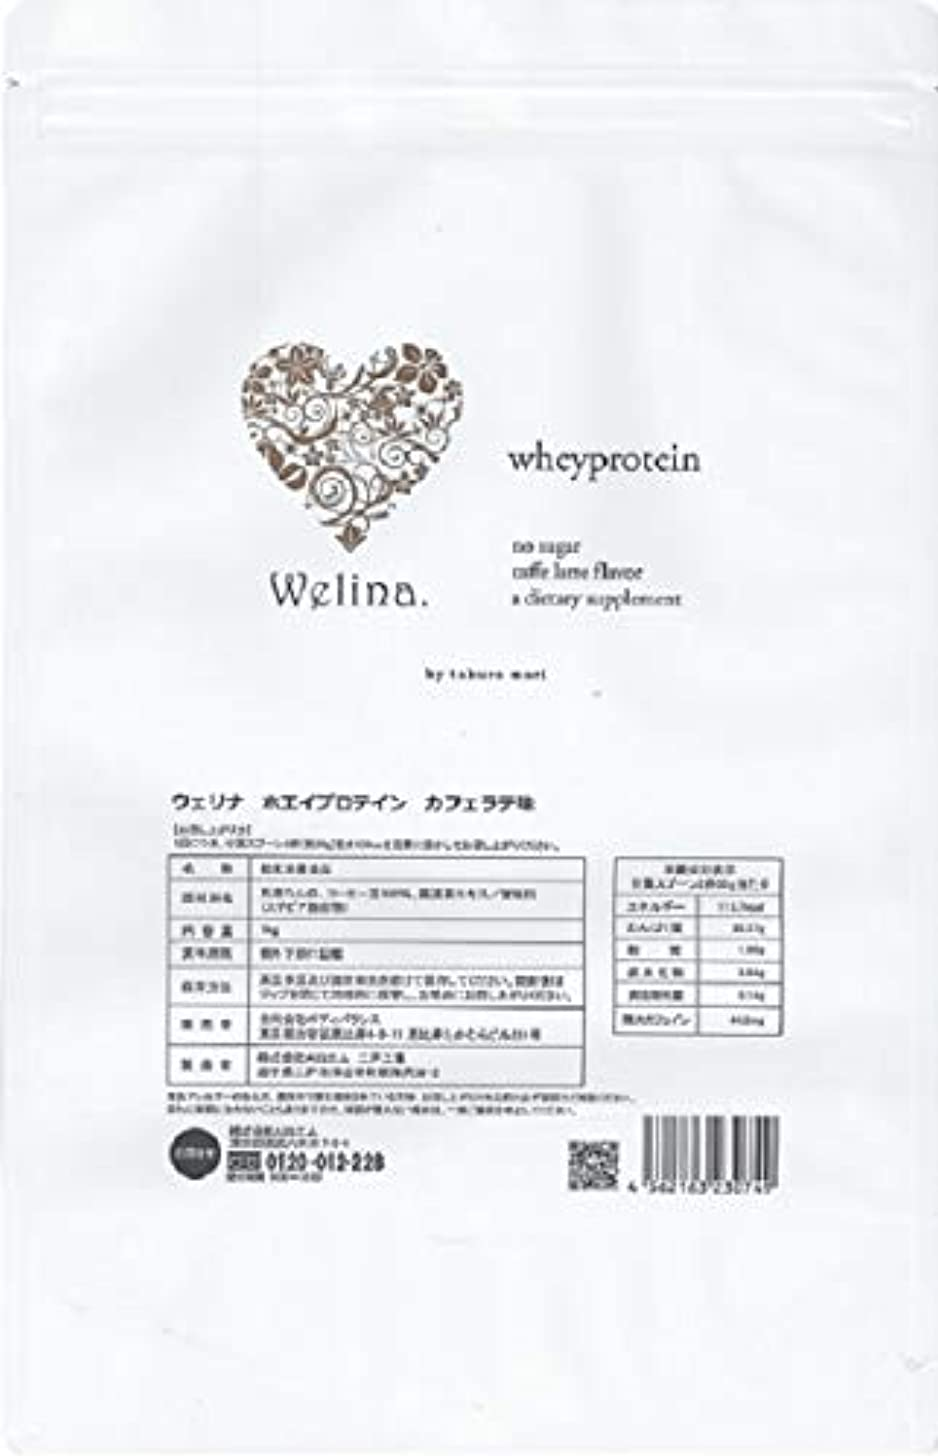 マーキング隔離過剰ウェリナ ホエイプロテイン 新カフェラテ味 1kg